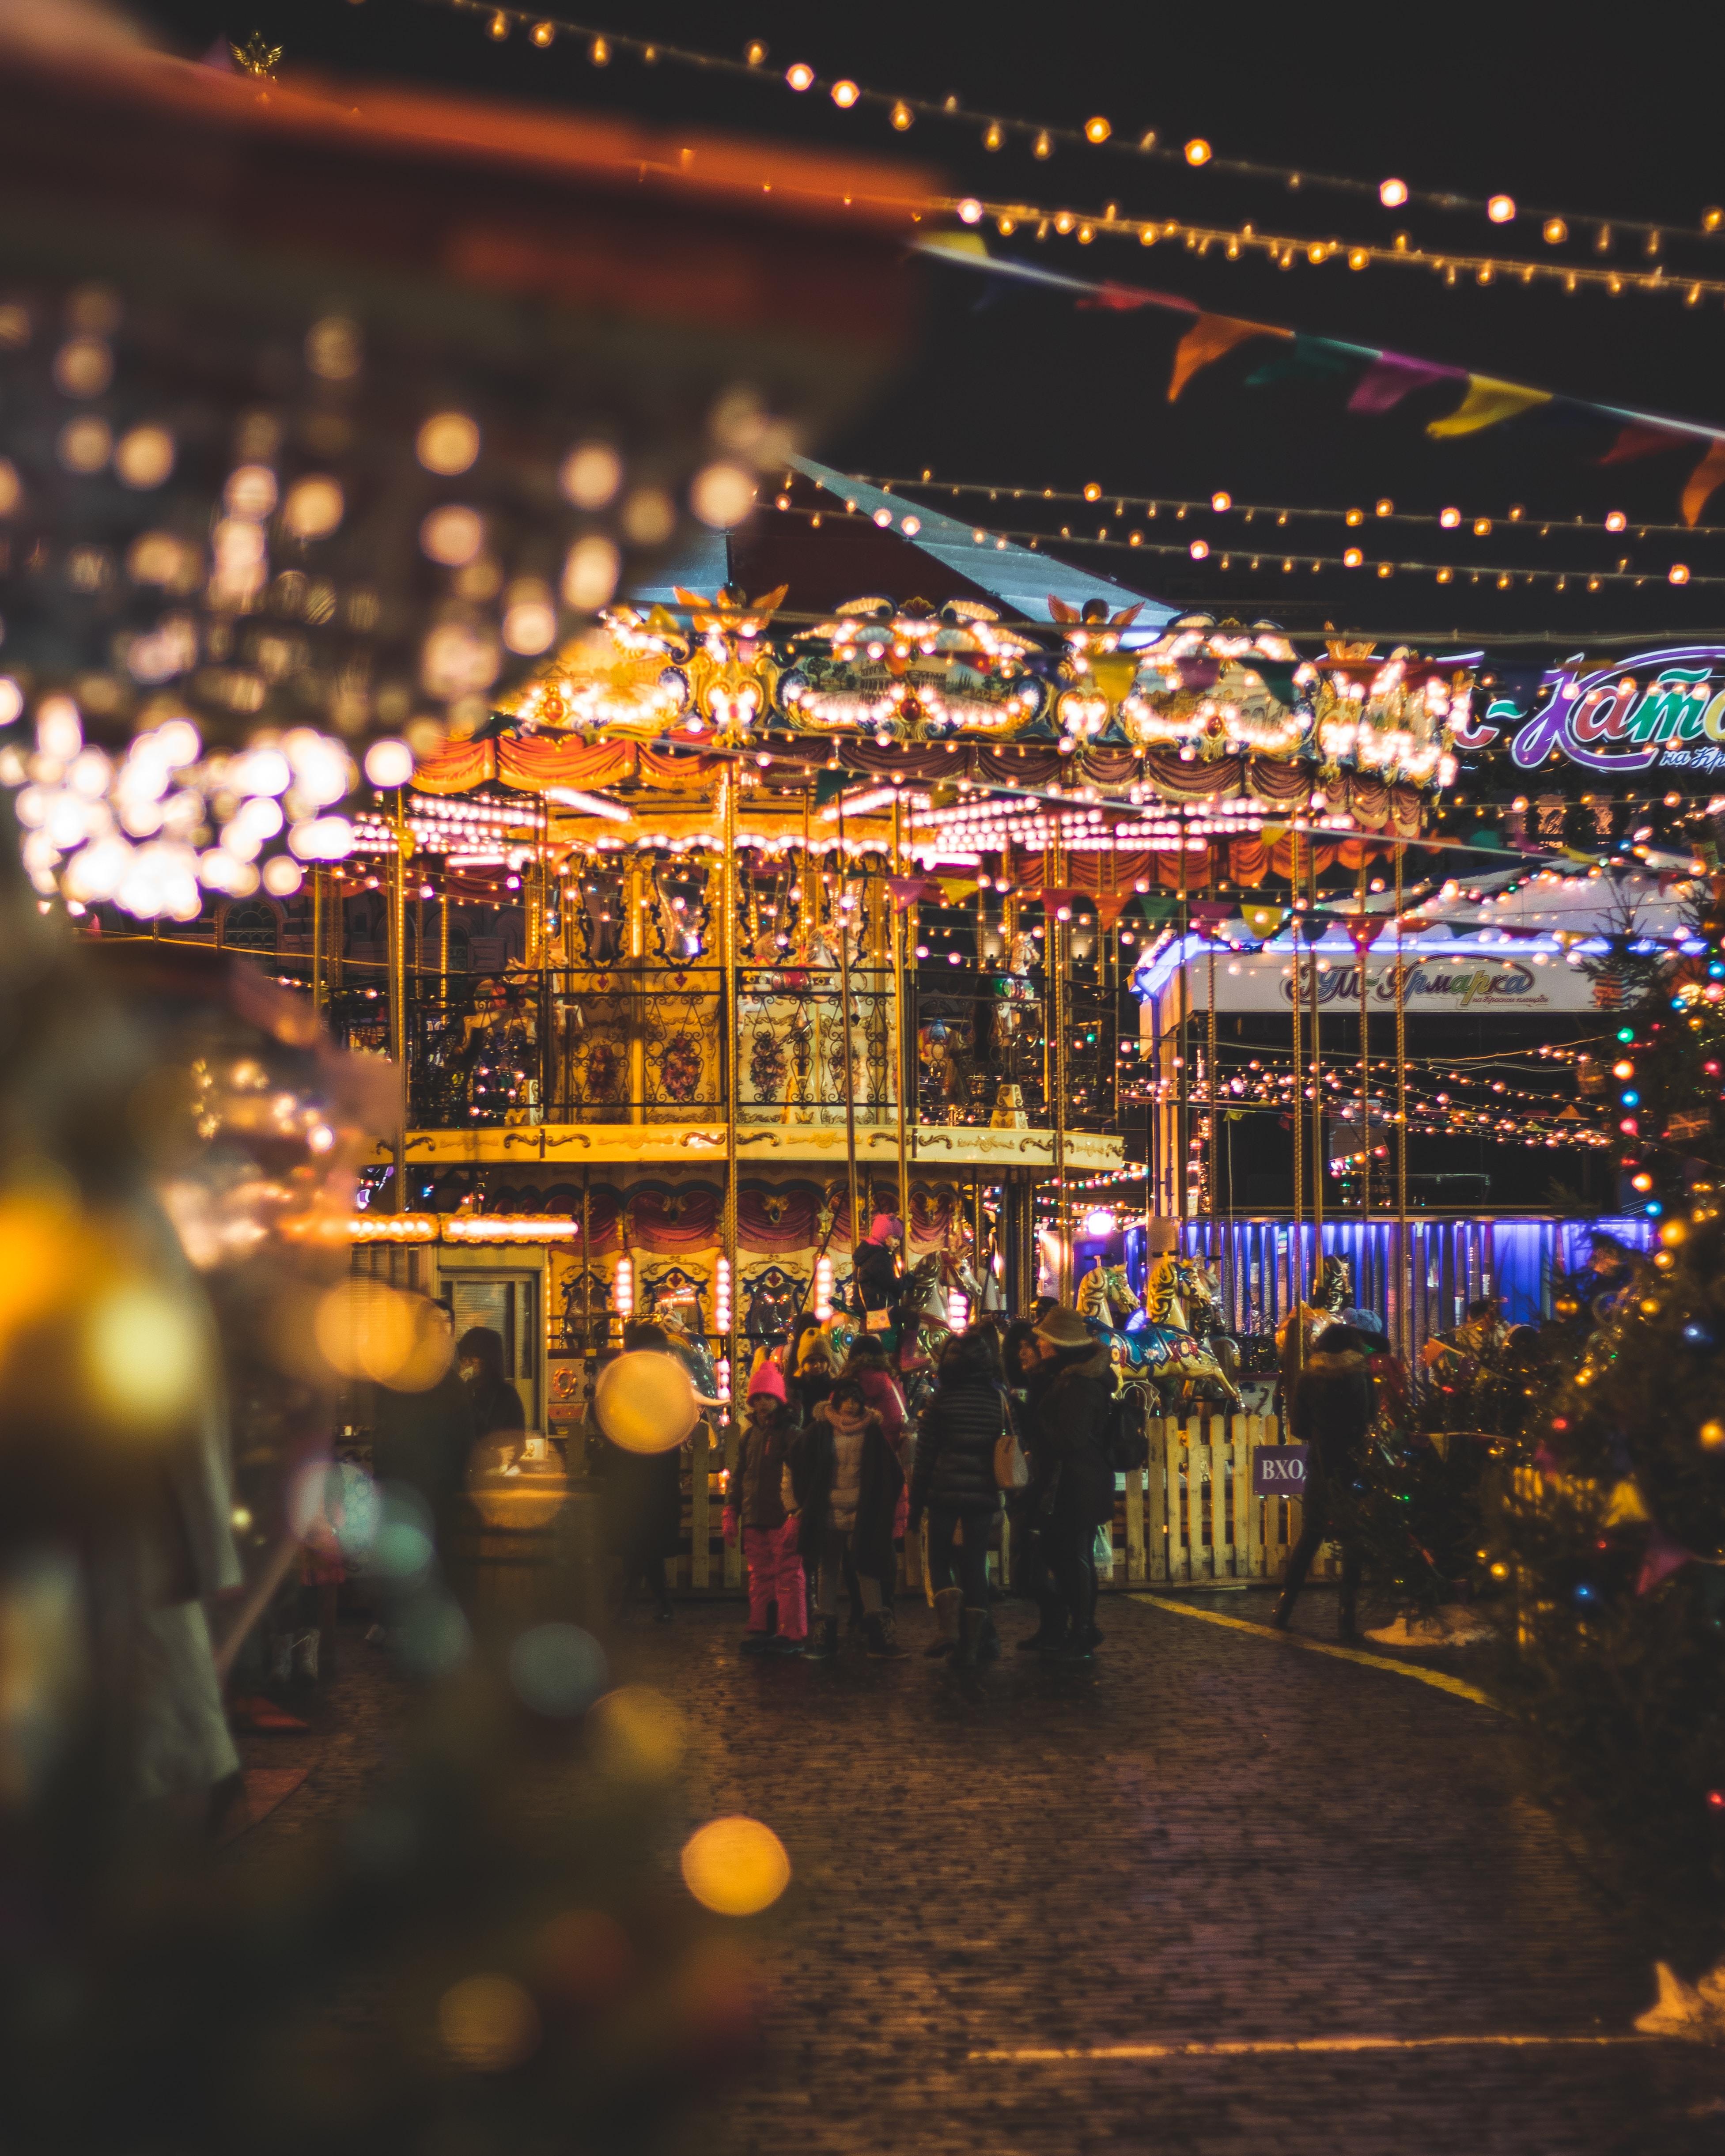 Kerstmarkt rad veraf